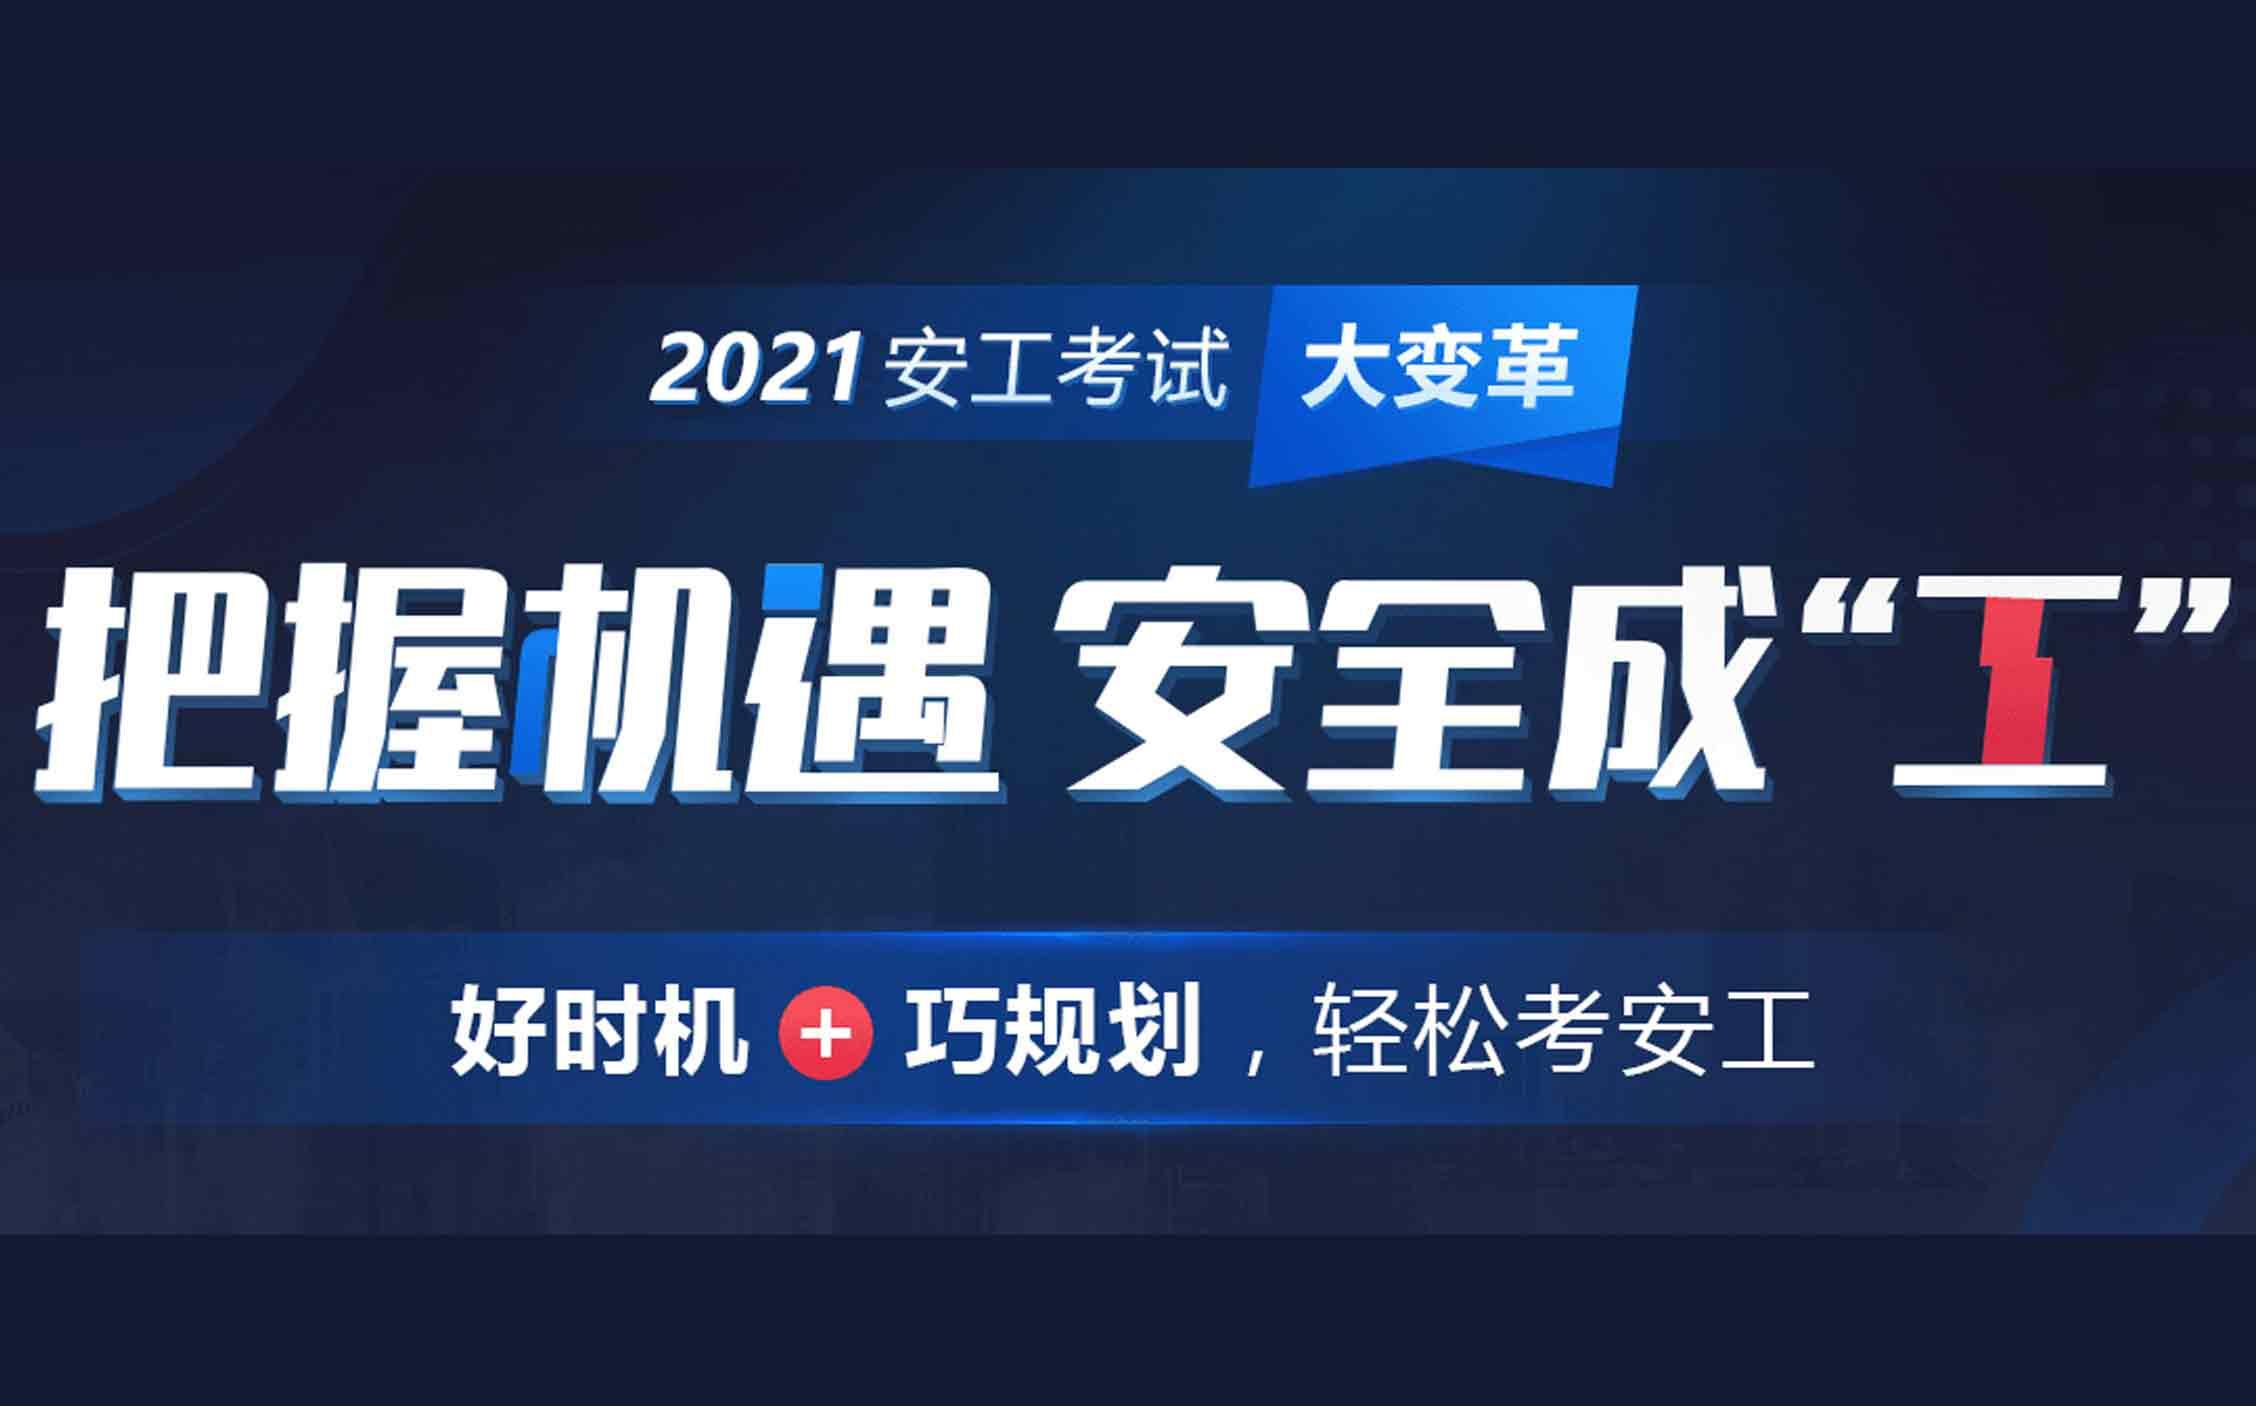 南昌2021安全工程师培训机构招生简章